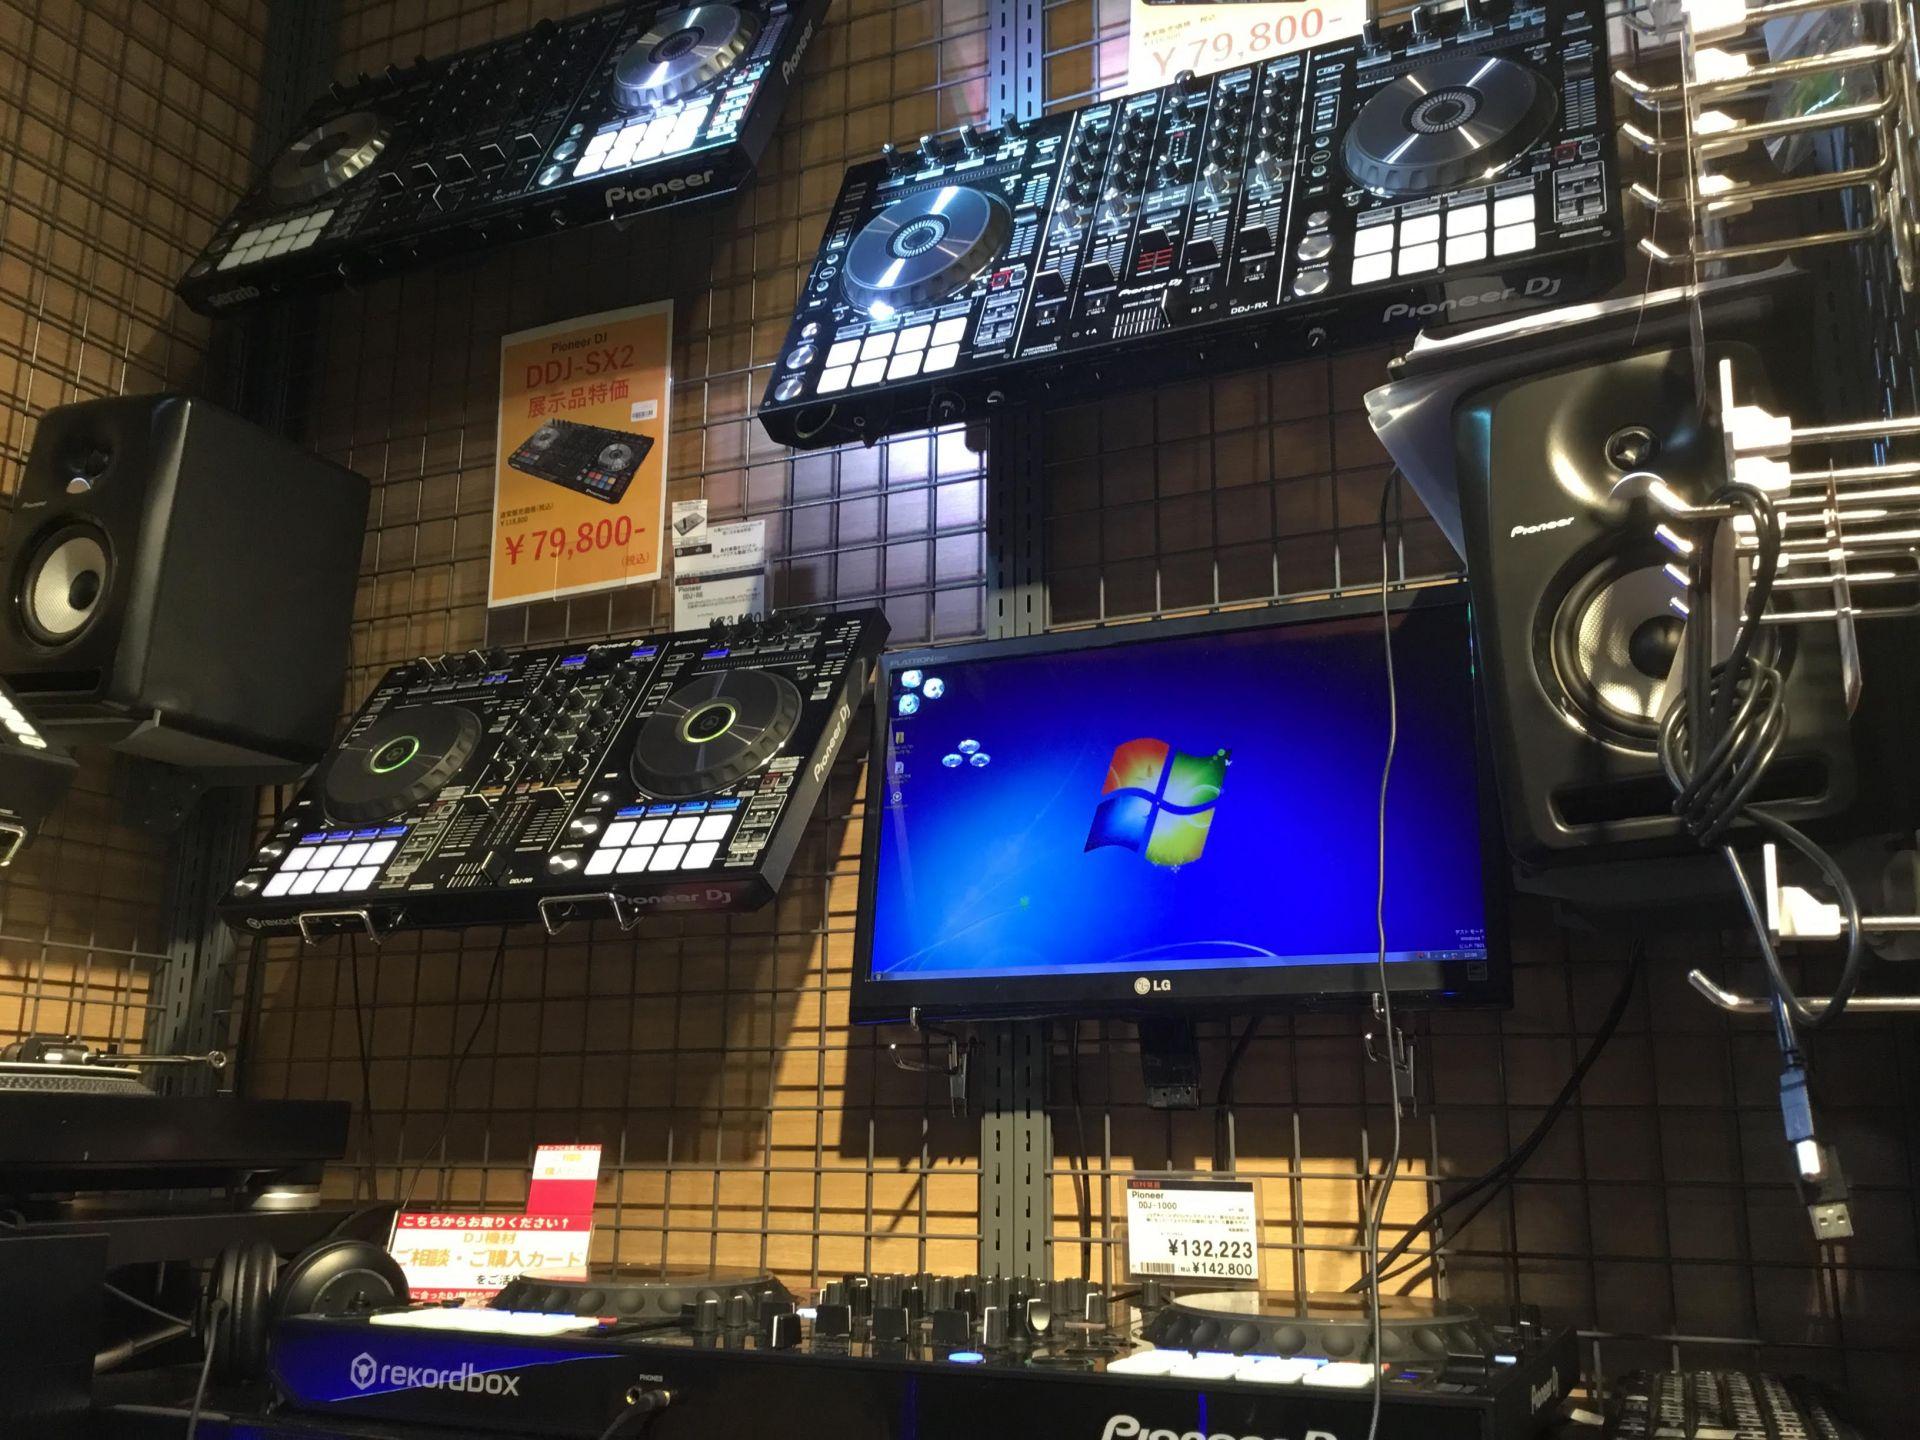 梅田ロフト店 DJ売り場